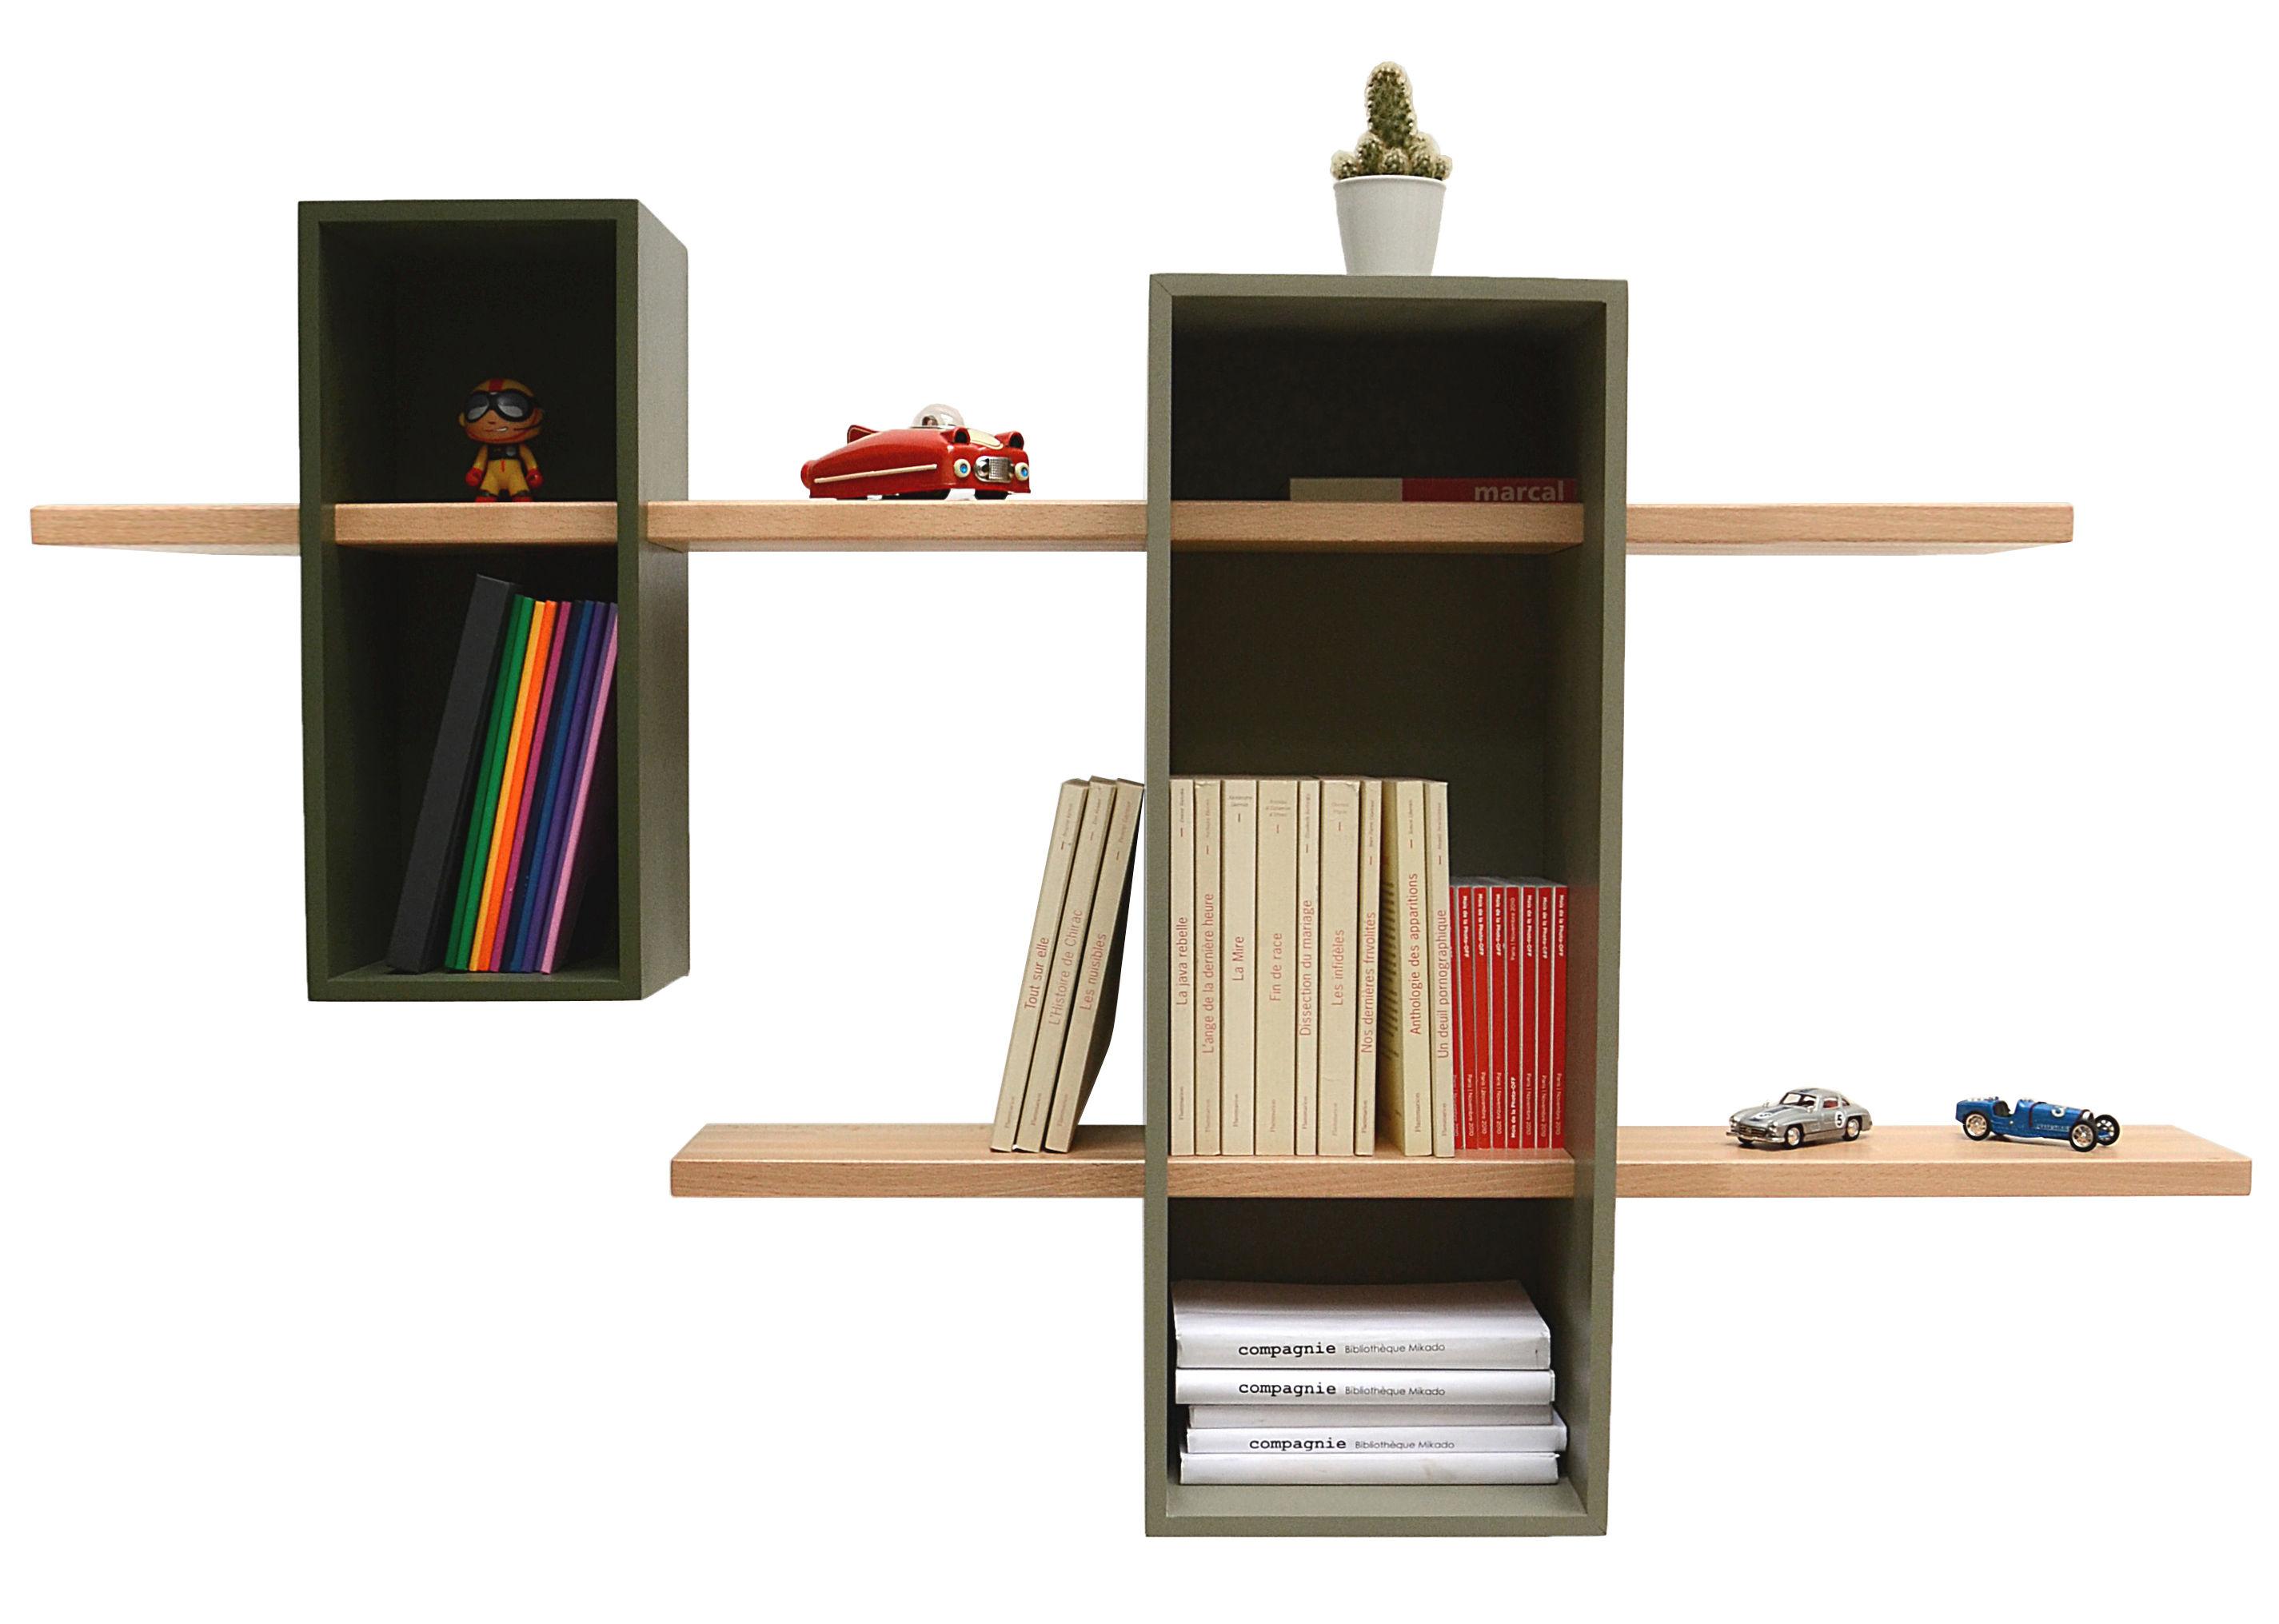 Arredamento - Scaffali e librerie - Scaffale Max - / Doppio - 2 scatole + 2 scaffali di Compagnie - Grigio Foam/ Verde Oliva - Faggio, MDF tinto